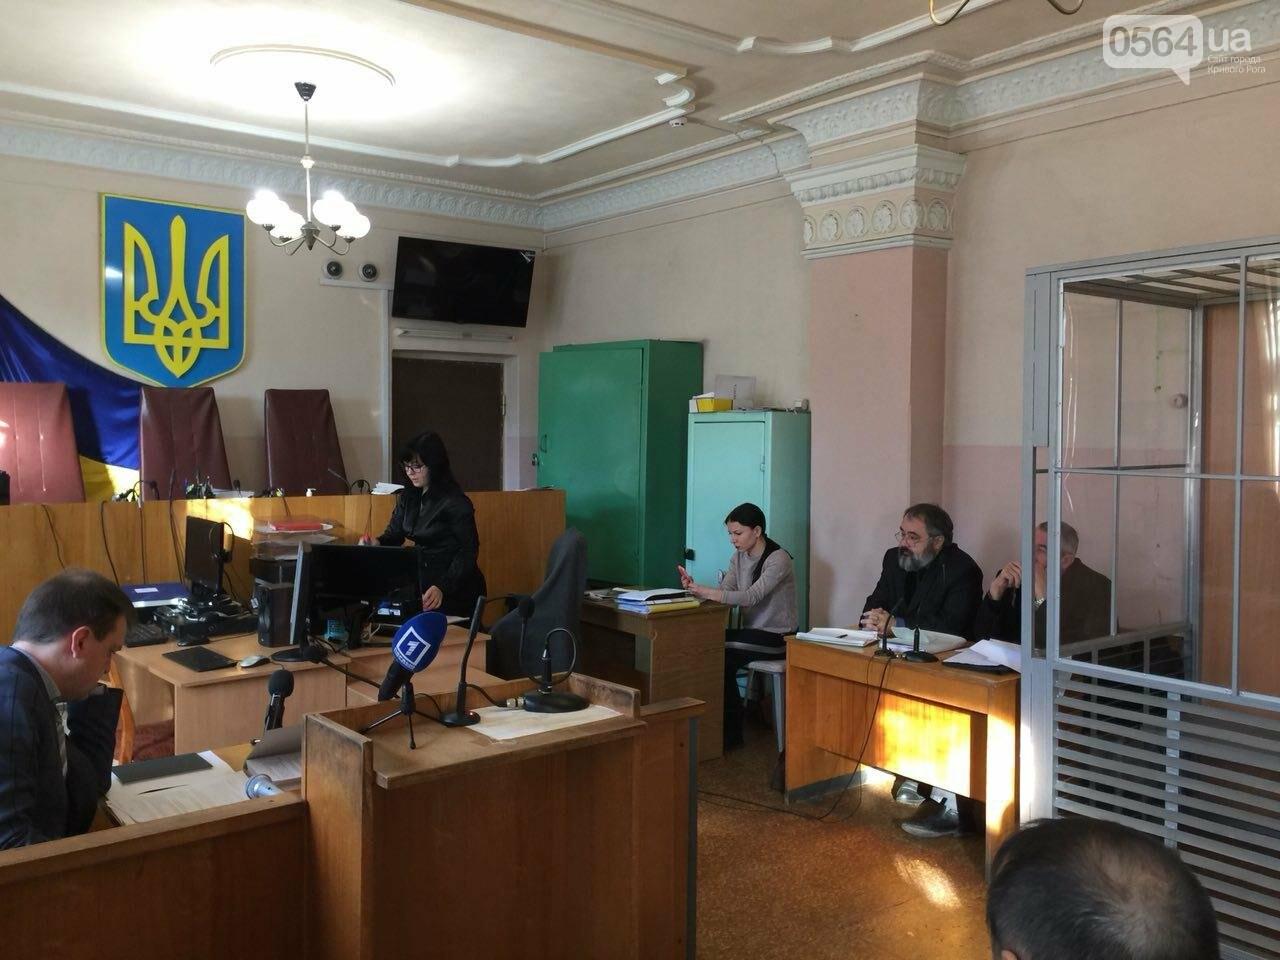 В суде по делу тяжело раненого криворожского журналиста давали показания коллеги и заместитель военкома (ФОТО), фото-5